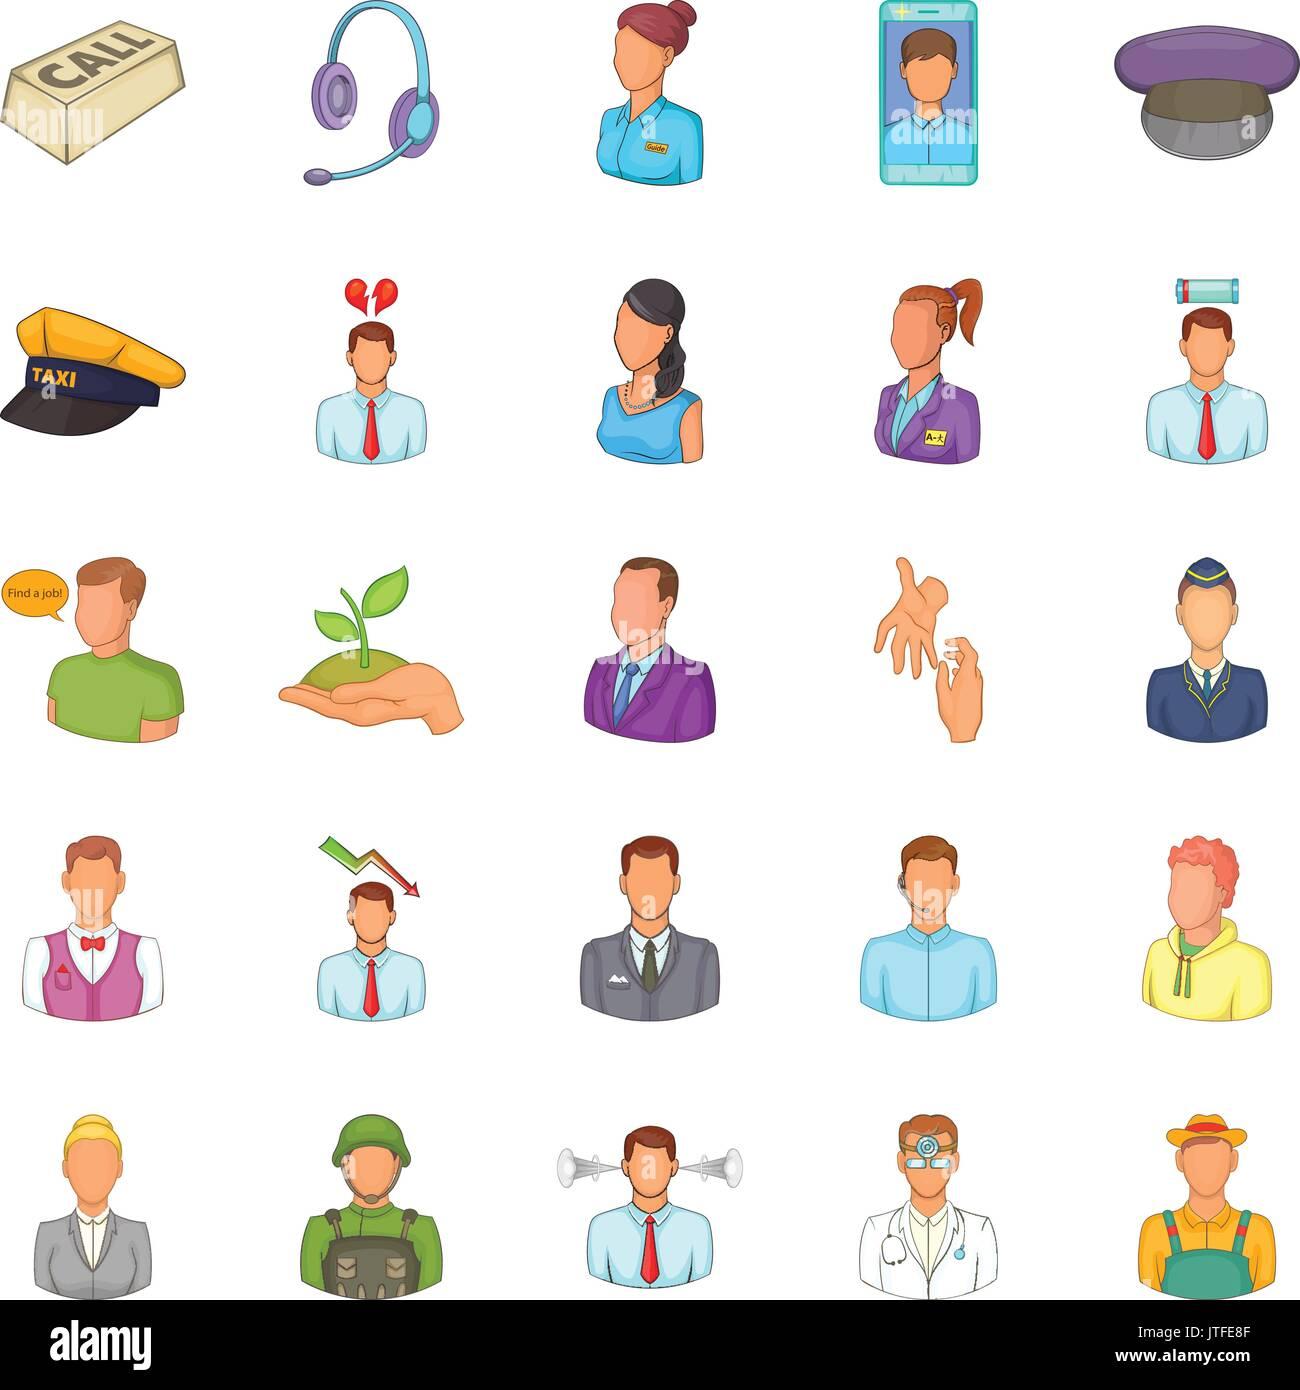 Iconos De Recursos Humanos Del Estilo De Dibujos Animados